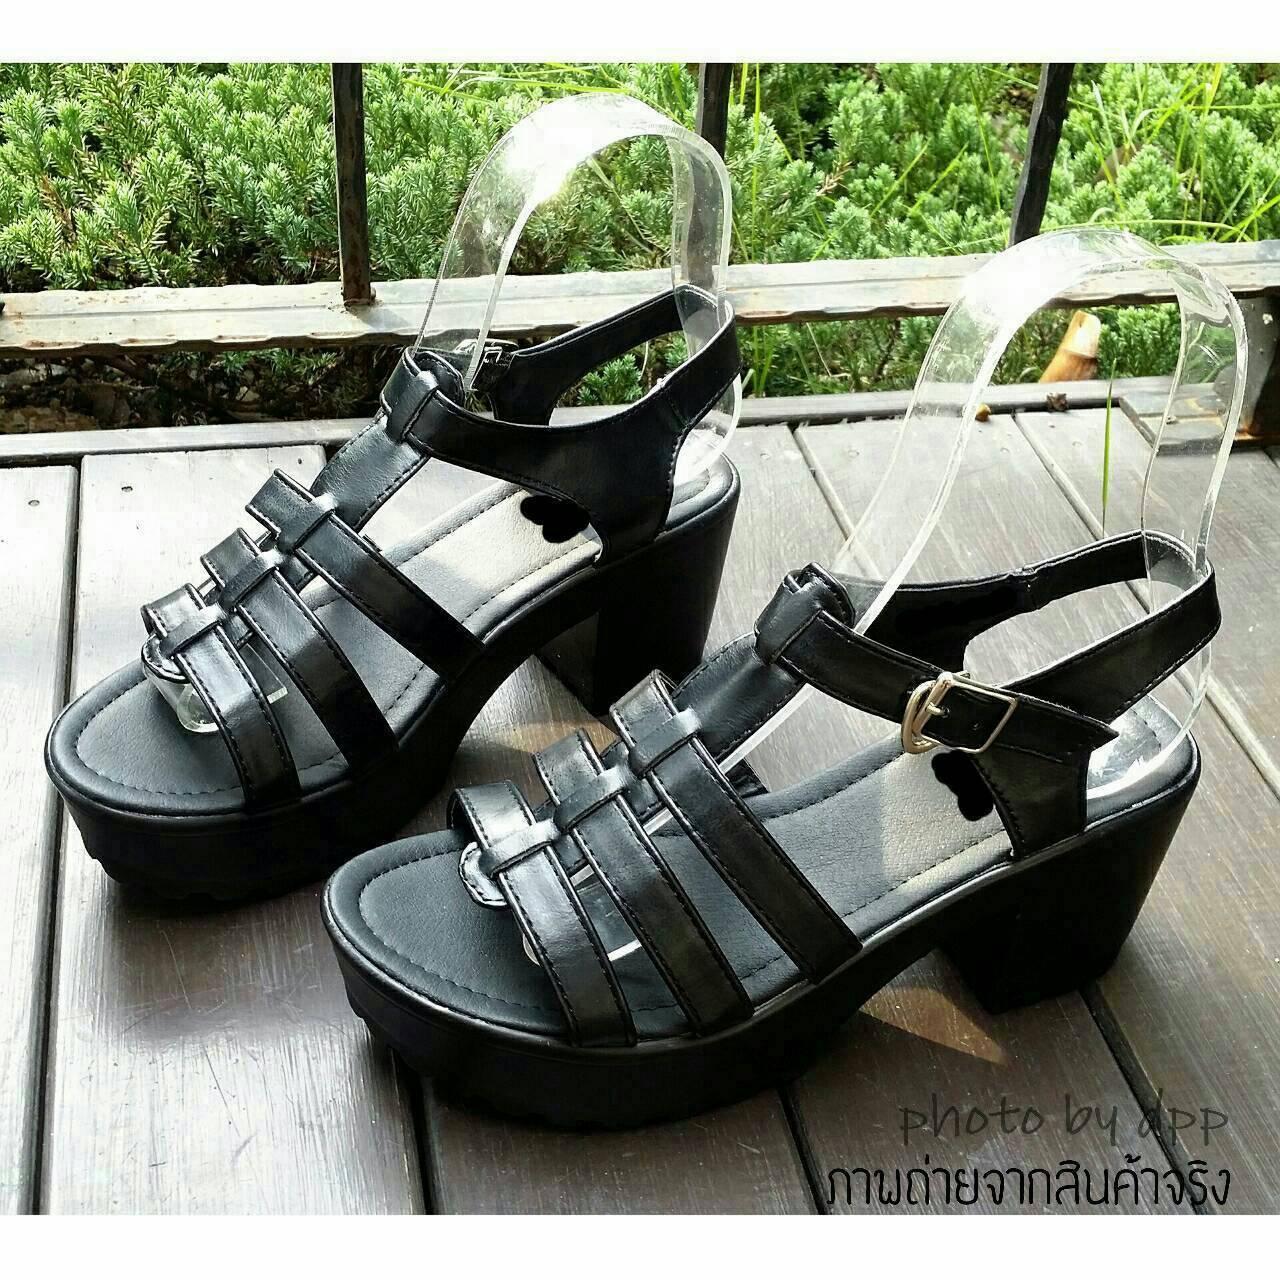 พร้อมส่ง : รองเท้าStyle nanda Shoesหน้าสาน (สีดำ)